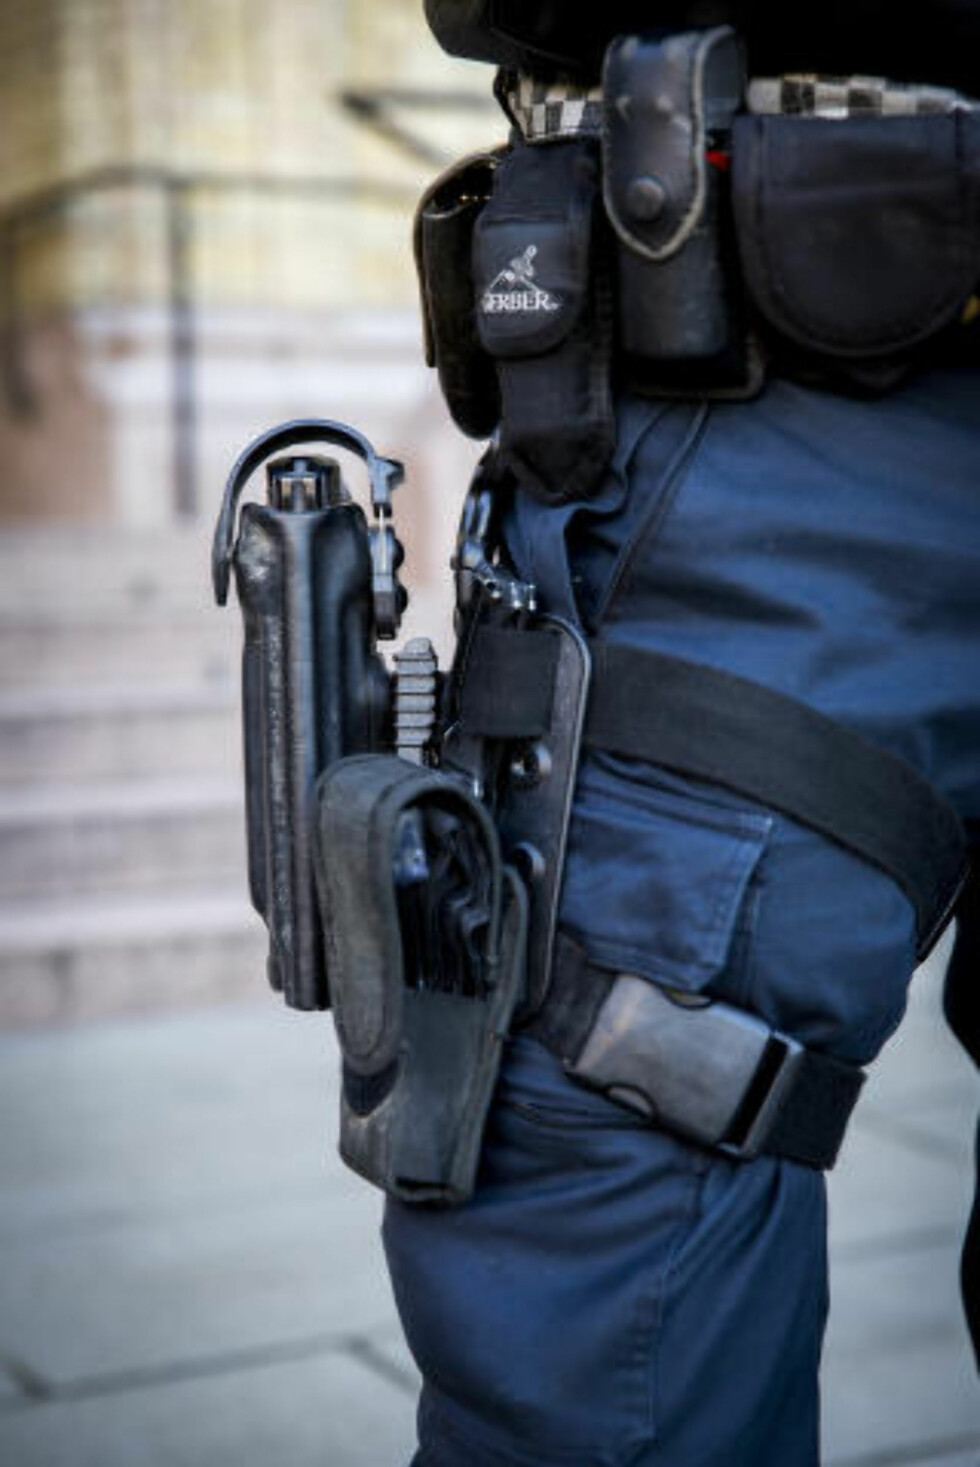 STANDARDVÅPEN:  Heckler & Koch P30L er politiets standard tjenestevåpen, presentert 25. november i fjor i forbindelse med den nye og midlertidige bevæpningsinstruksen. Foto: Erlend Aas, NTB Scanpix.